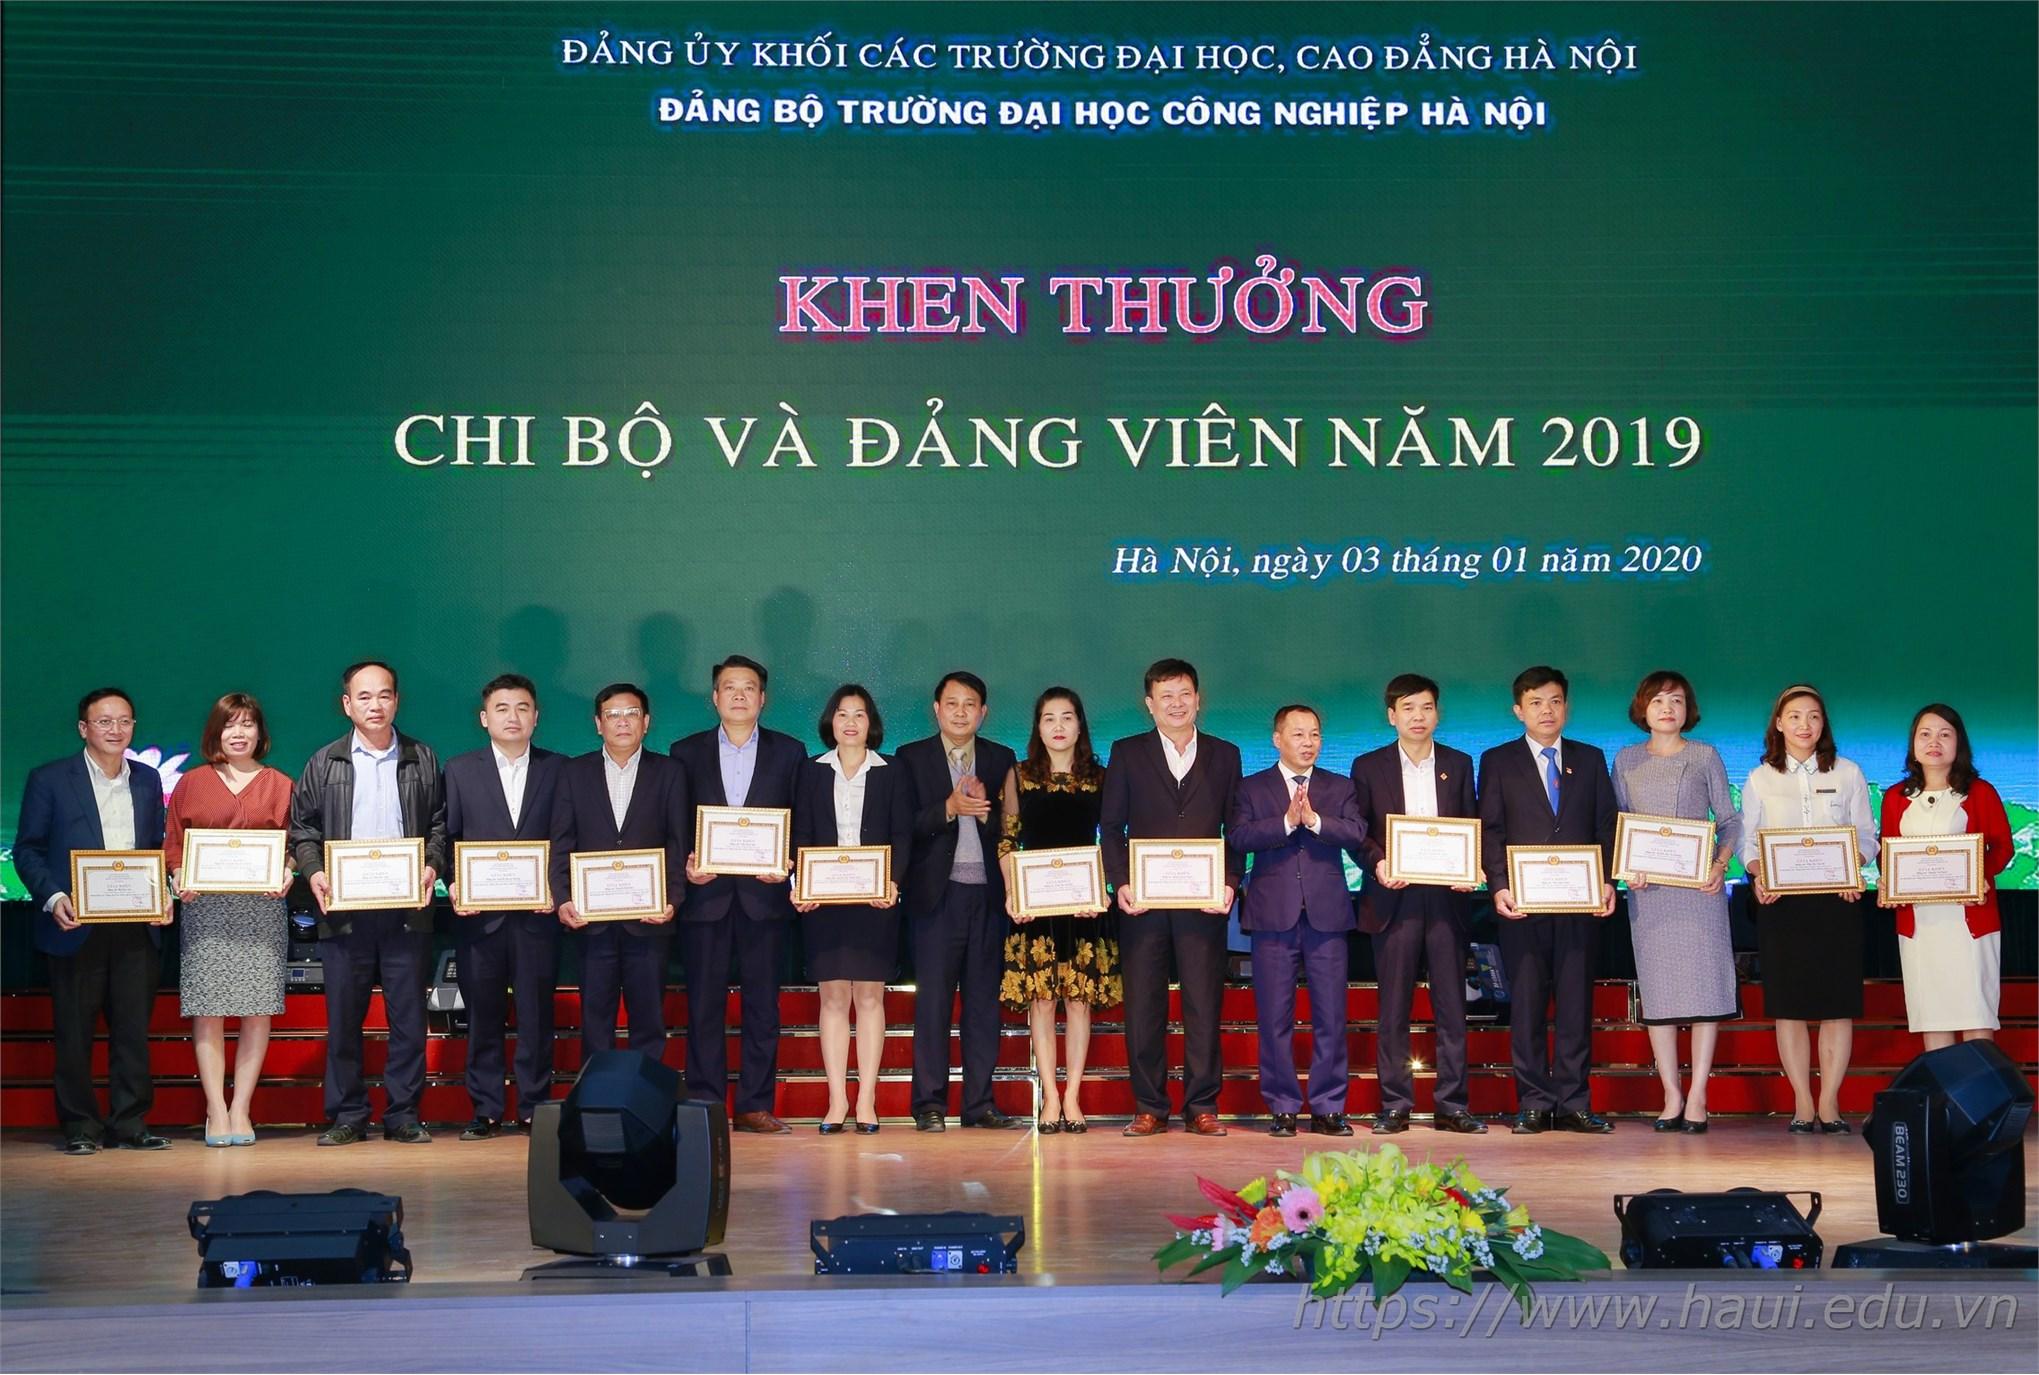 Hội nghị Tổng kết công tác thi đua, khen thưởng và công tác xây dựng Đảng năm 2019 ĐHCNHN